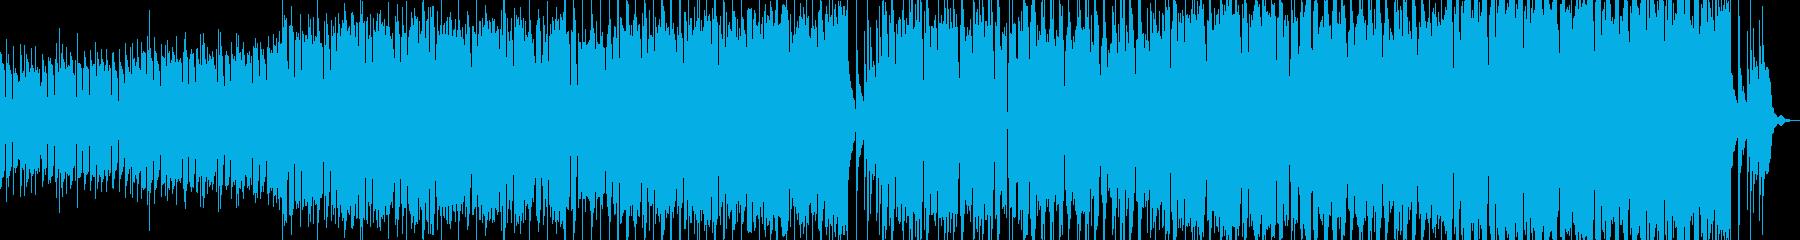 【アニメ】悪と闘うバトルシーンの再生済みの波形